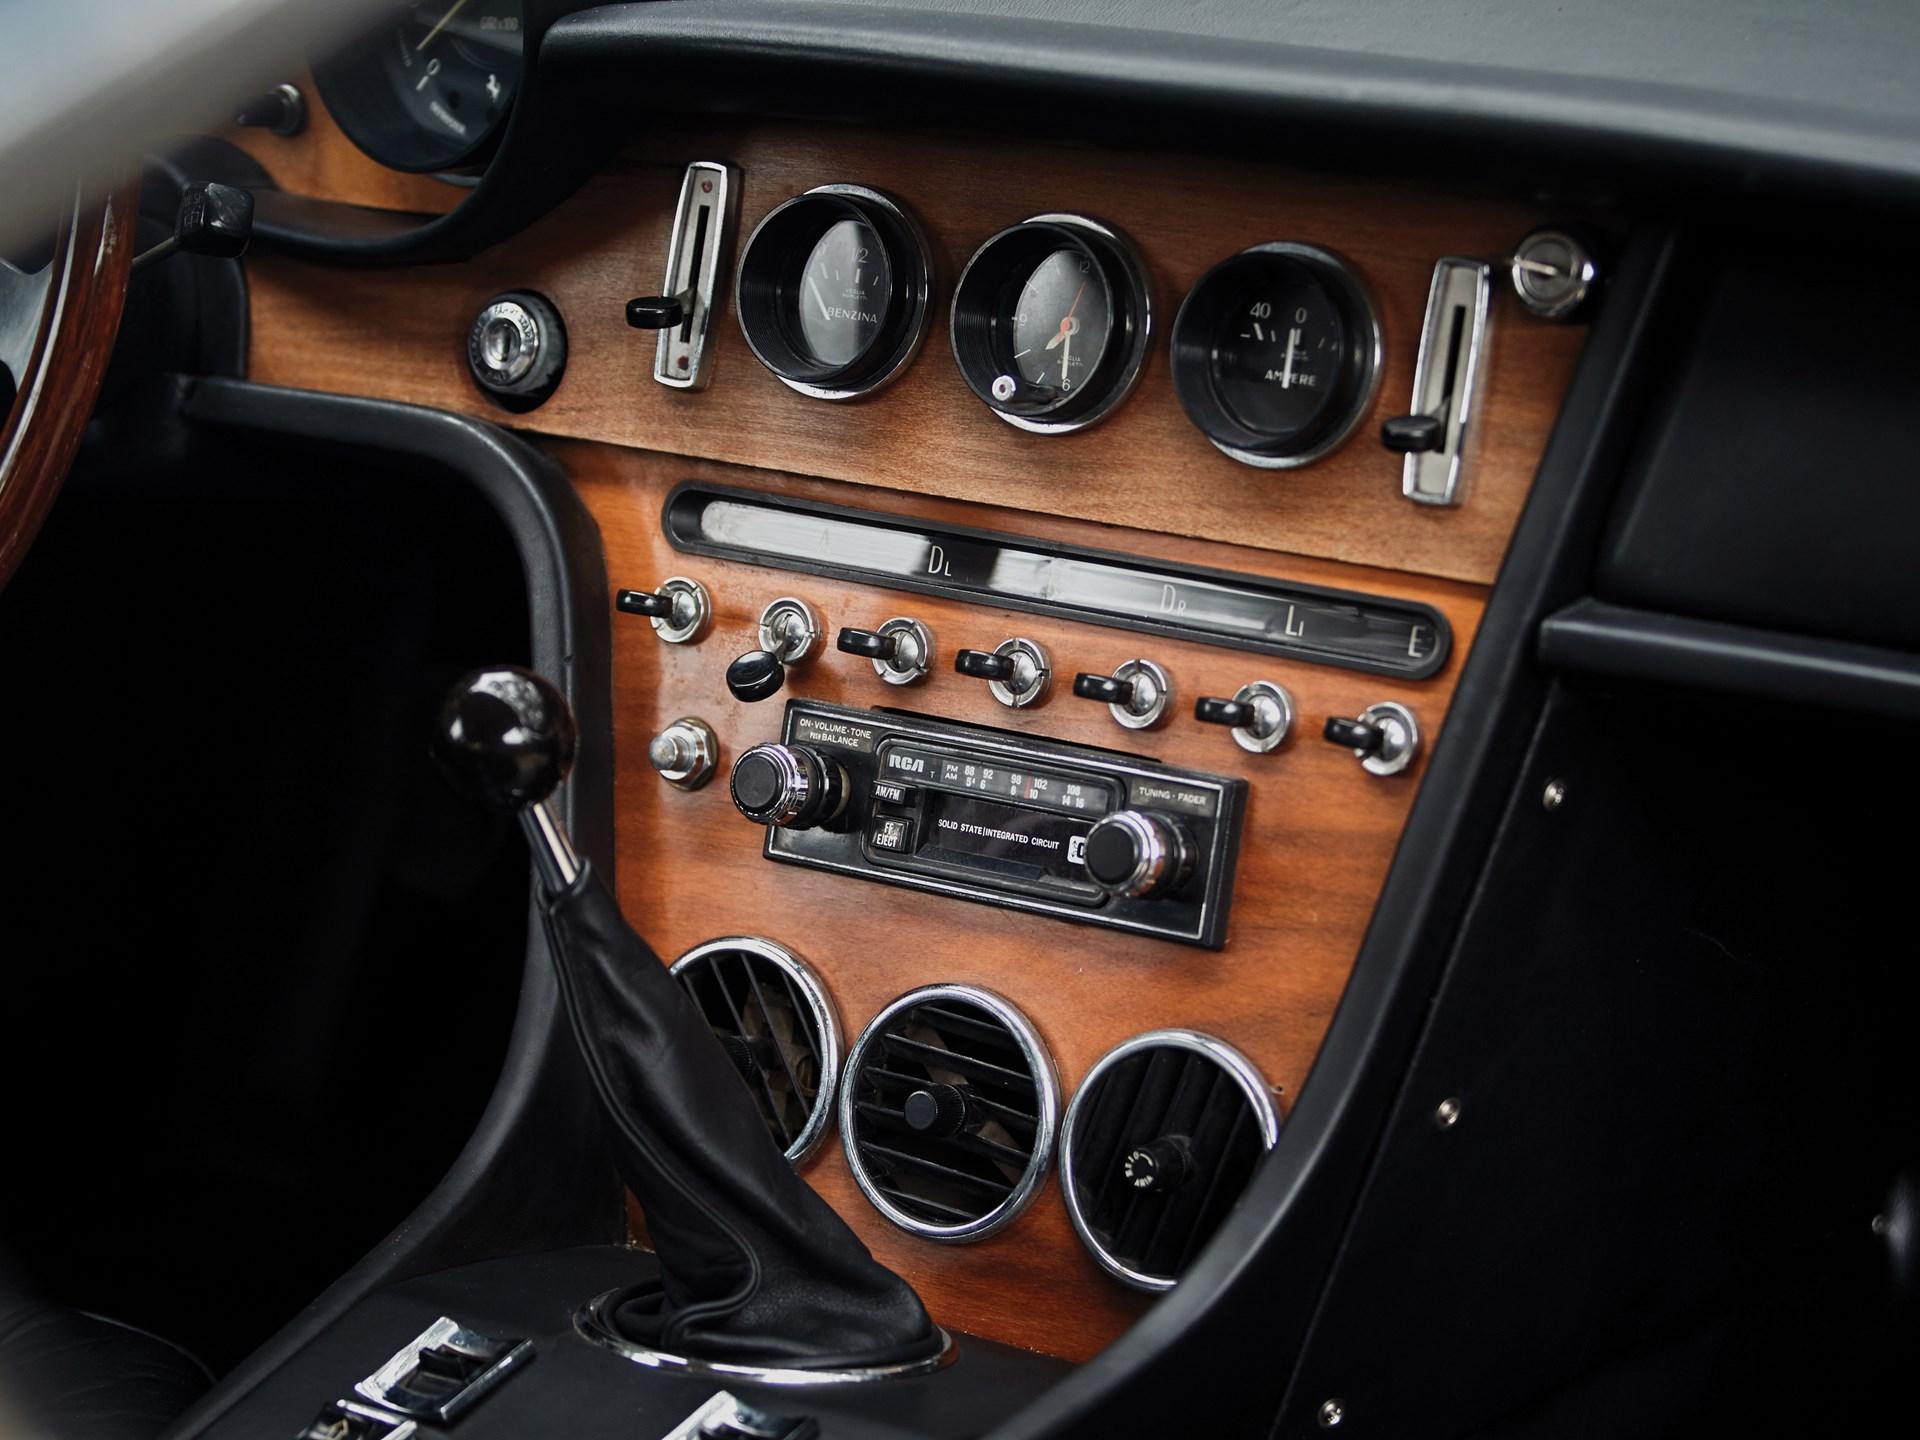 1969 Ferrari 365 GT 2+2 by Pininfarina